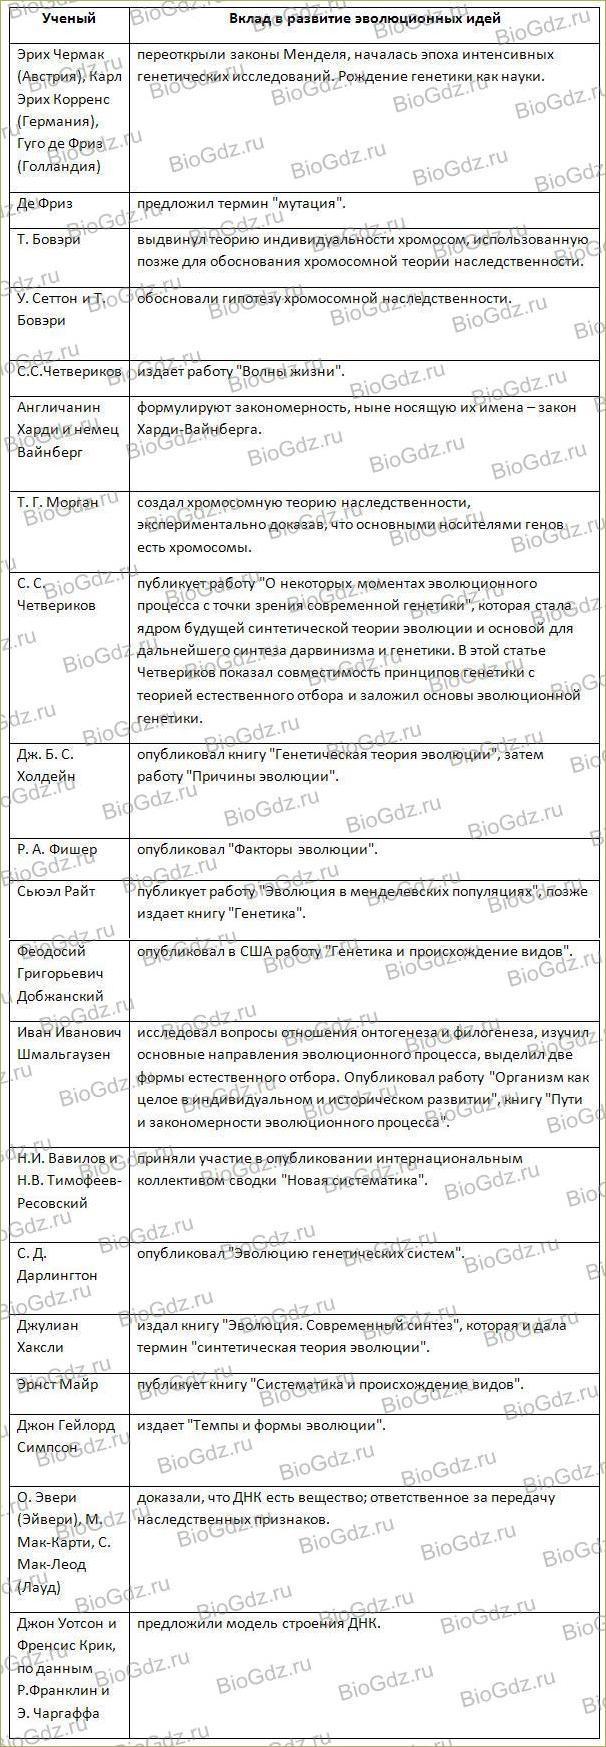 Тема 4.2. Современное эволюционное учение - 9